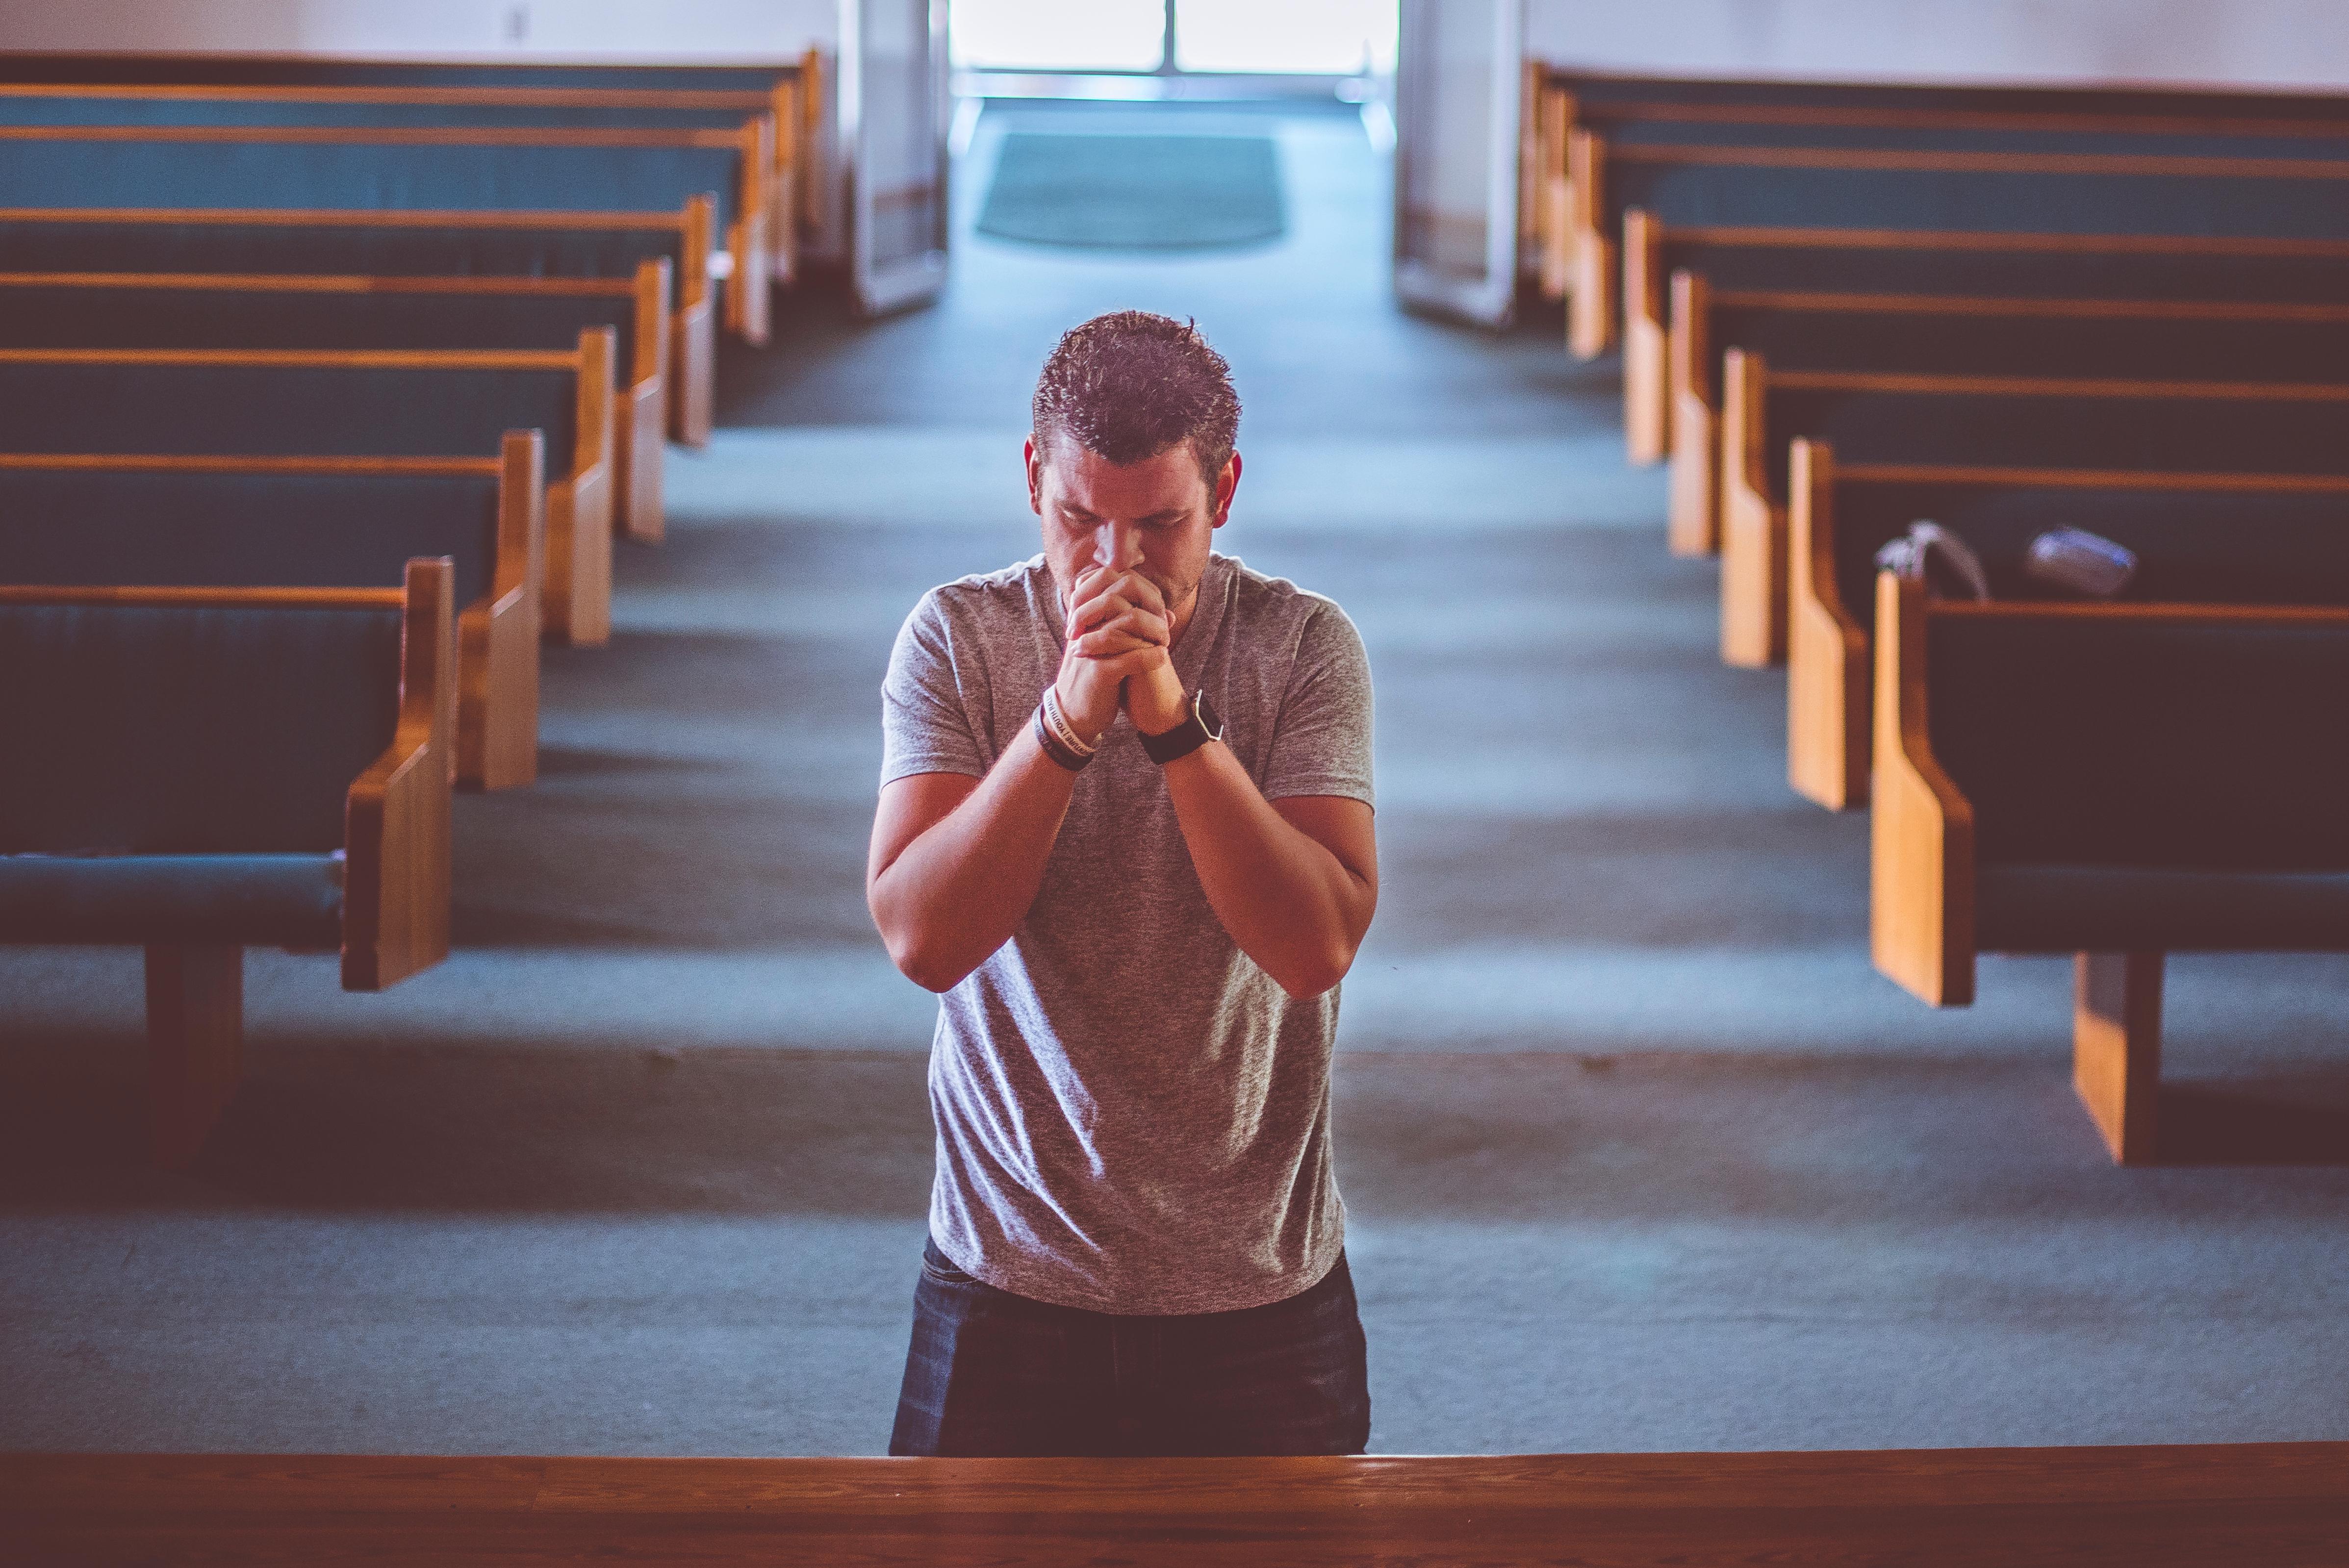 church offering prayer - HD4550×3038